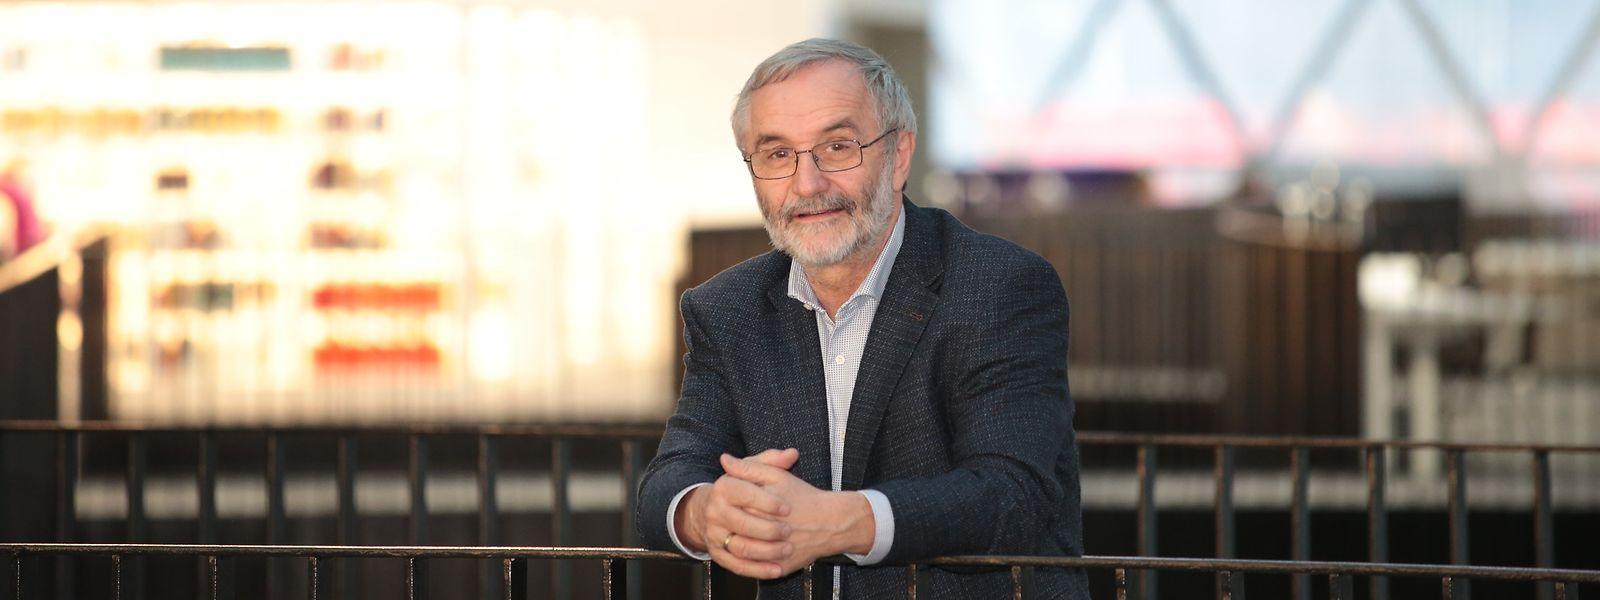 Rudi Balling hat das LCSB gegründet und über zehn Jahre als Direktor geleitet. Nun ist die Zeit des Ruhestands gekommen. Doch der Genetiker hat auch dafür bereits Pläne geschmiedet.